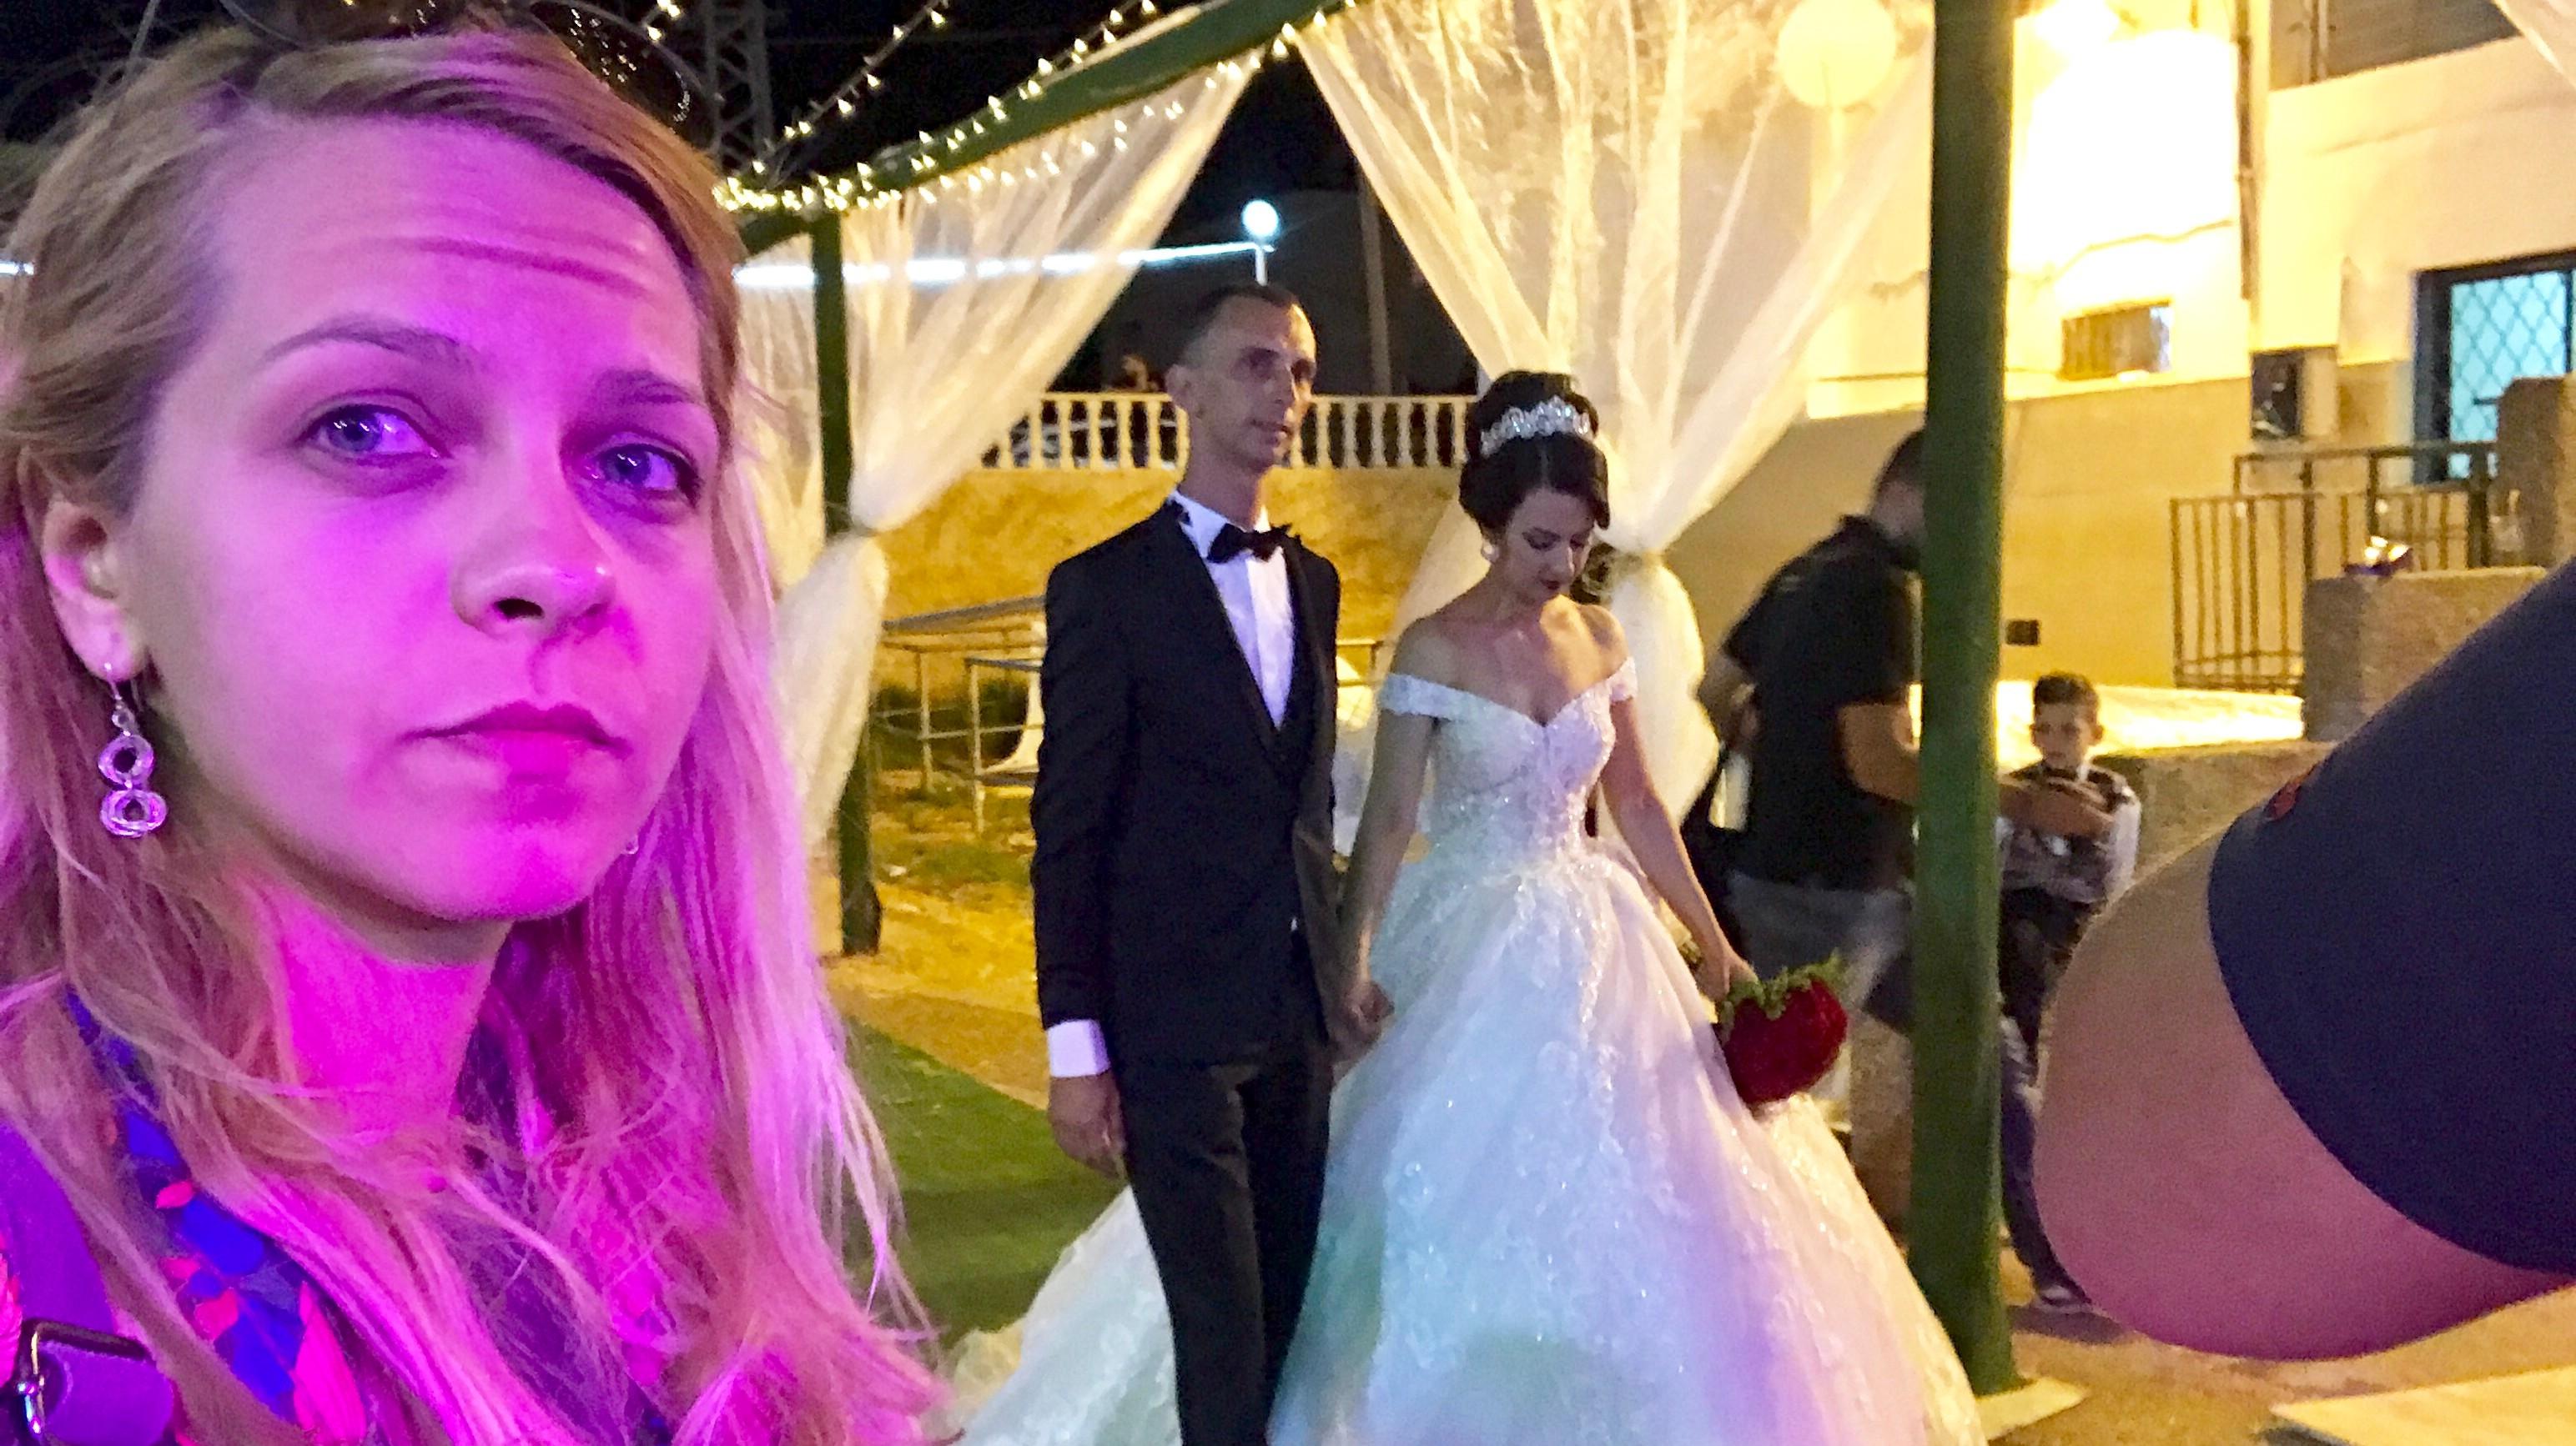 Fetele cauta om pentru nunta)